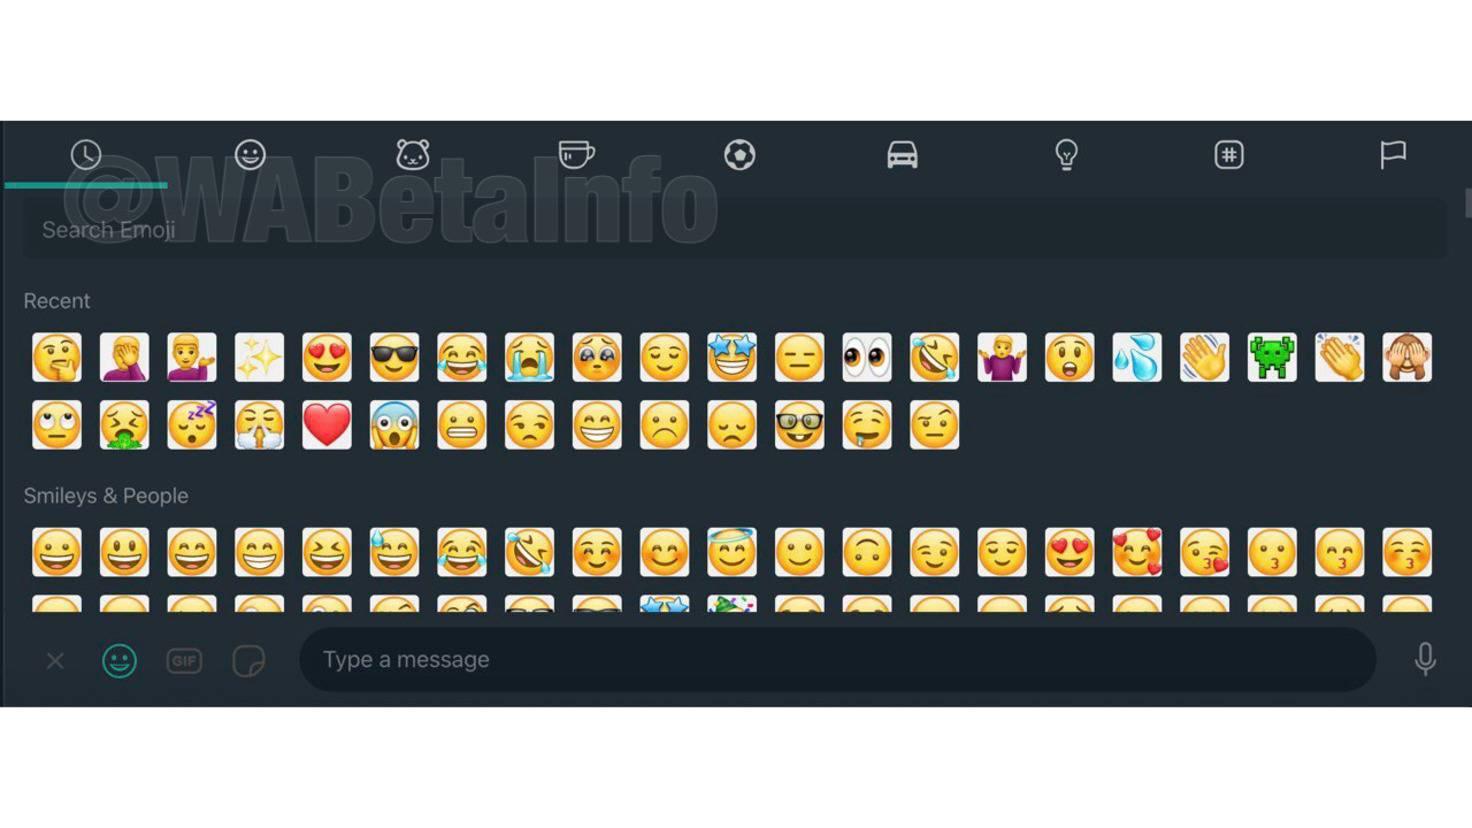 WhatsApp dark mode emoji